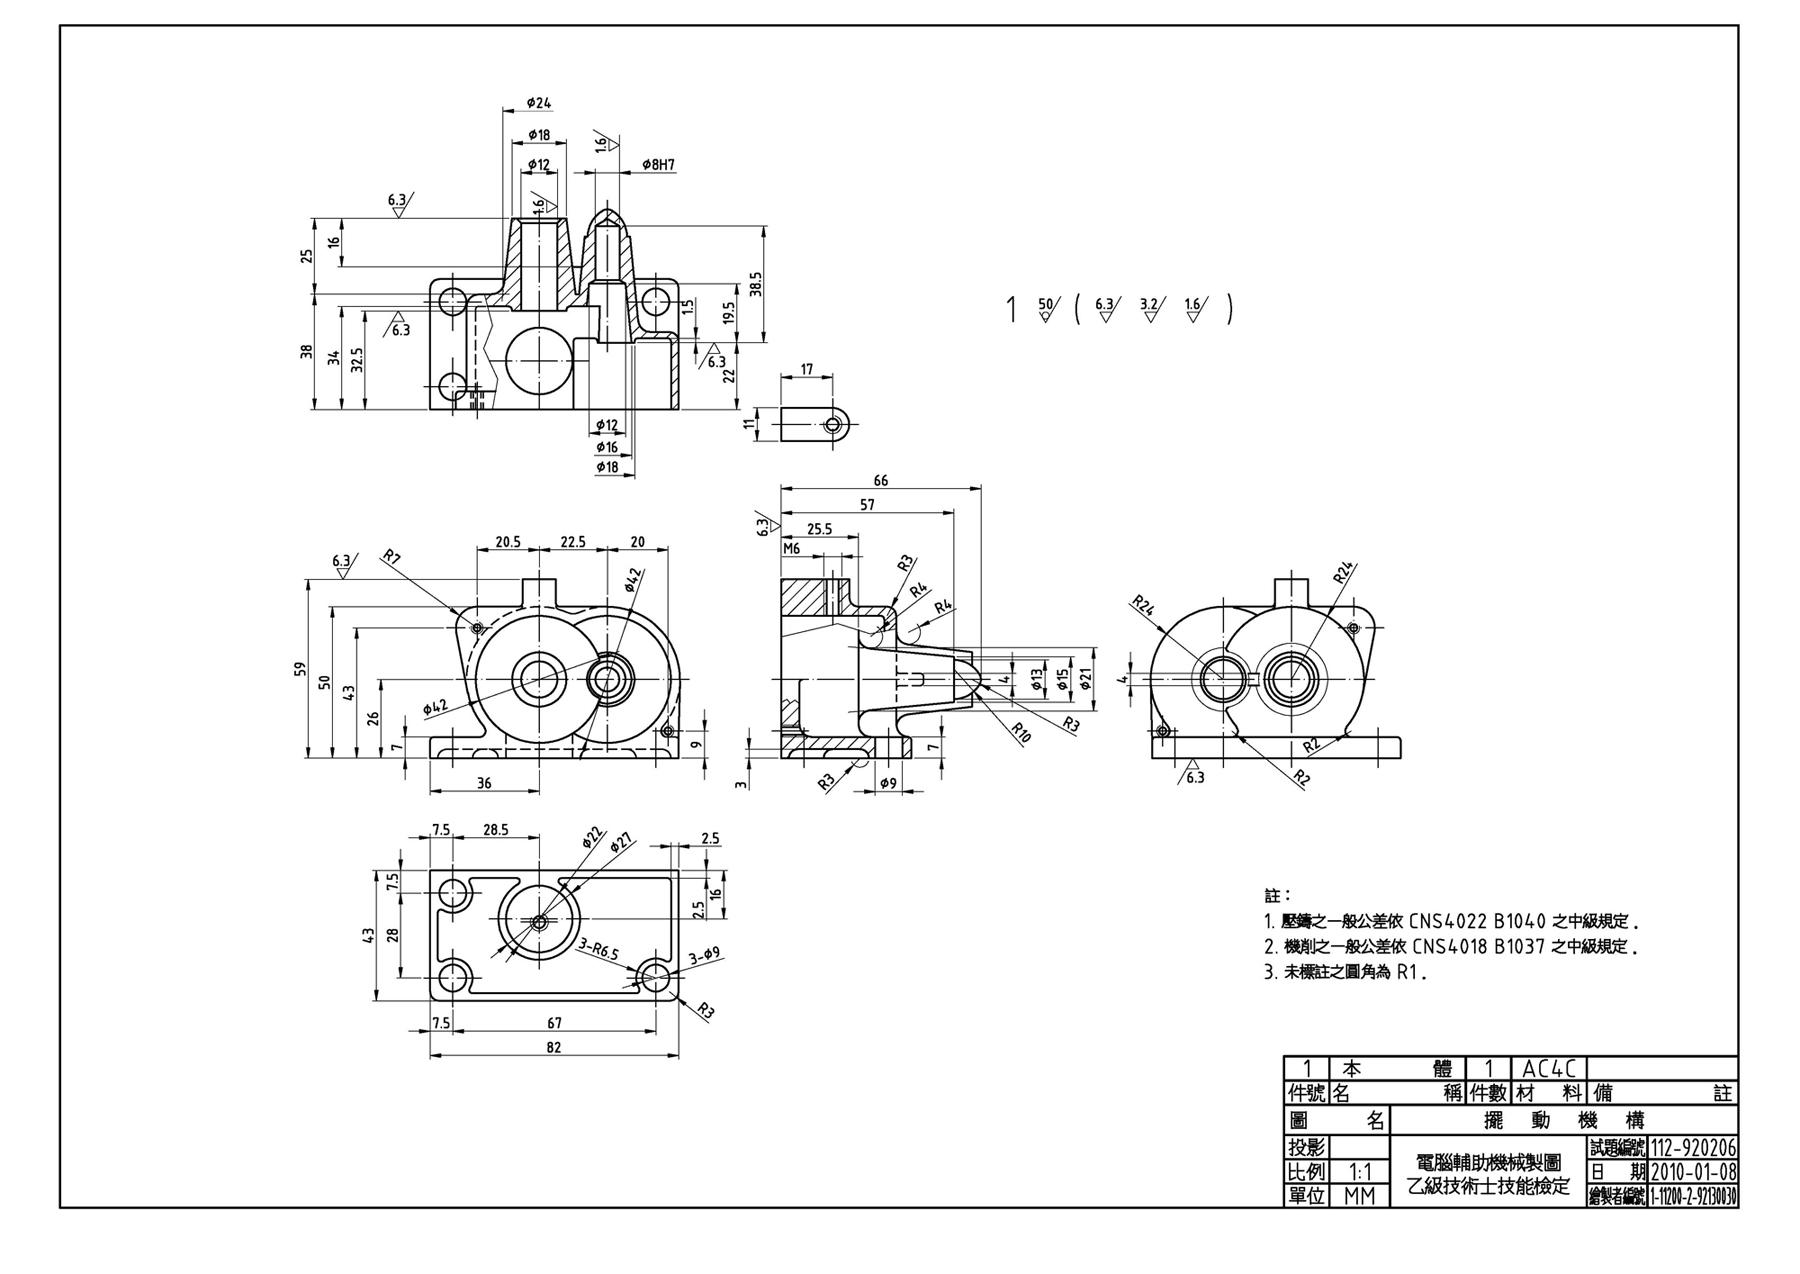 【機構設計工程師培訓】AutoCAD電腦輔助機械設計進階3D-健行科技大學推廣教育中心